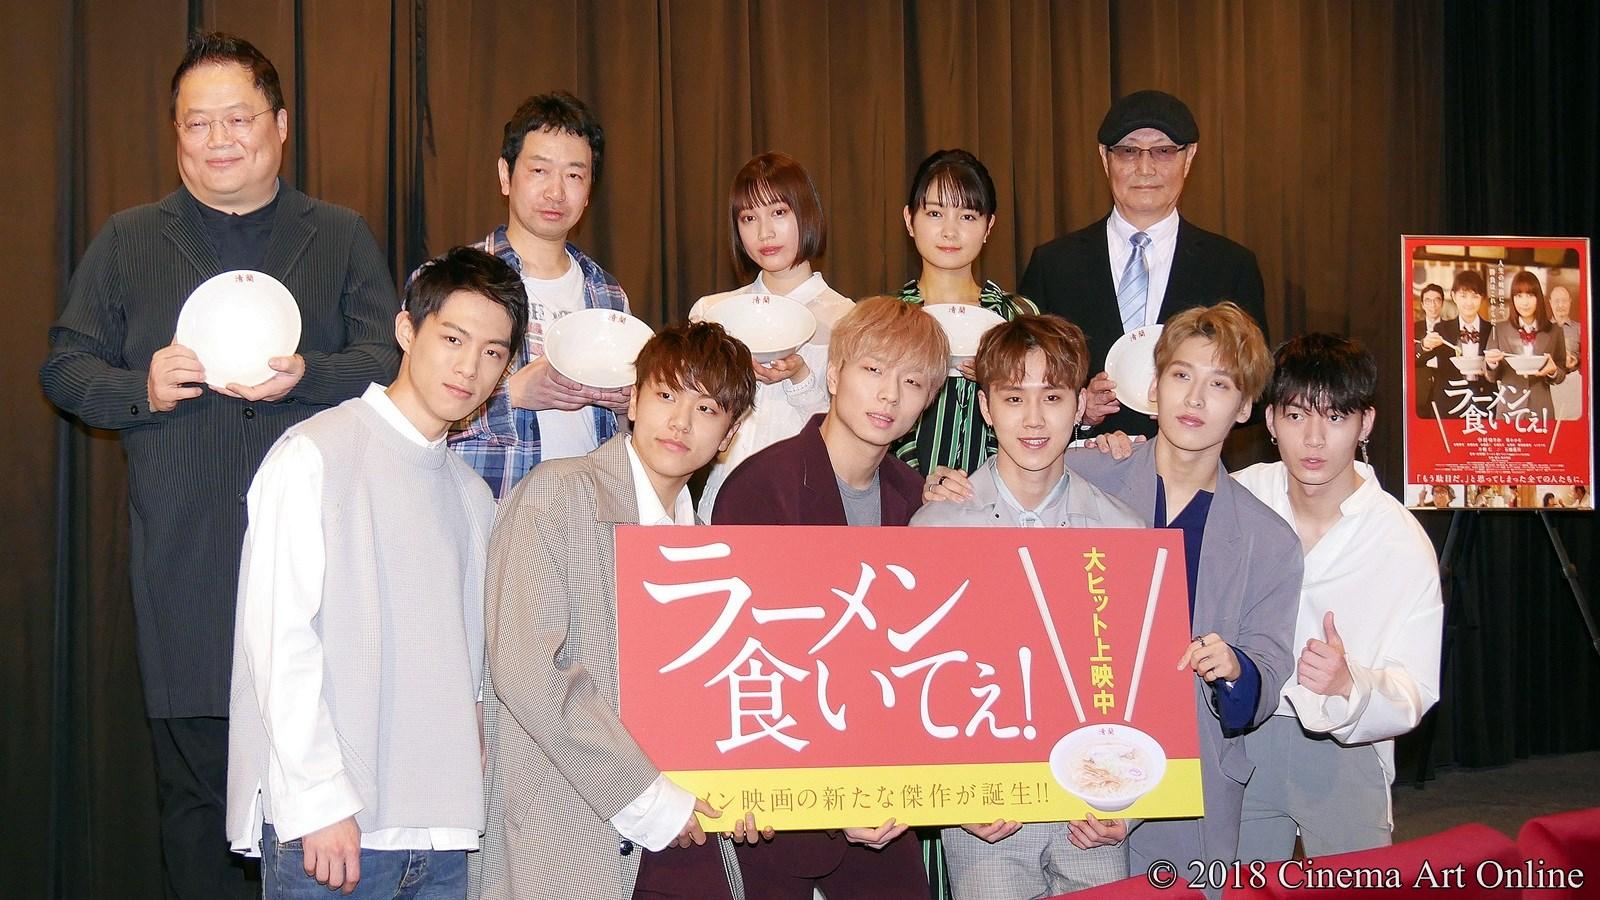 【写真】映画『ラーメン食いてぇ!』公開初日舞台挨拶